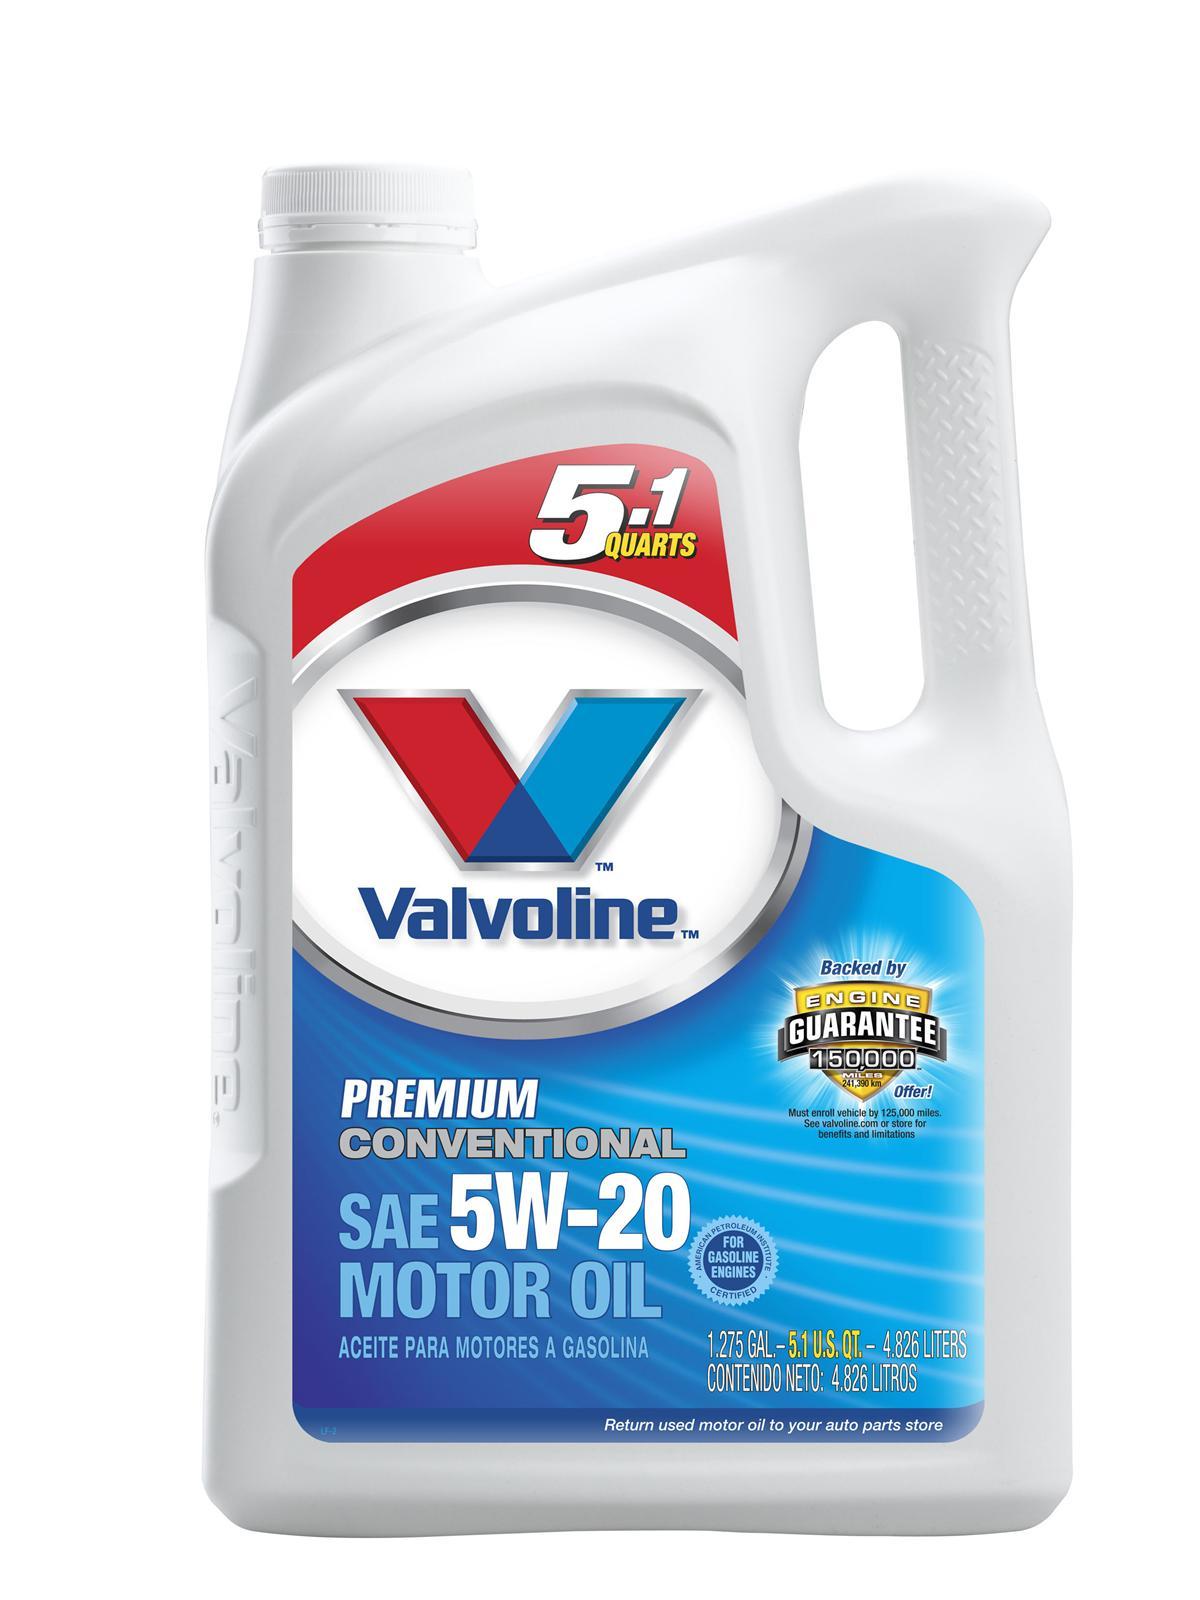 Valvoline Premium Conventional Motor Oil 784937 Free